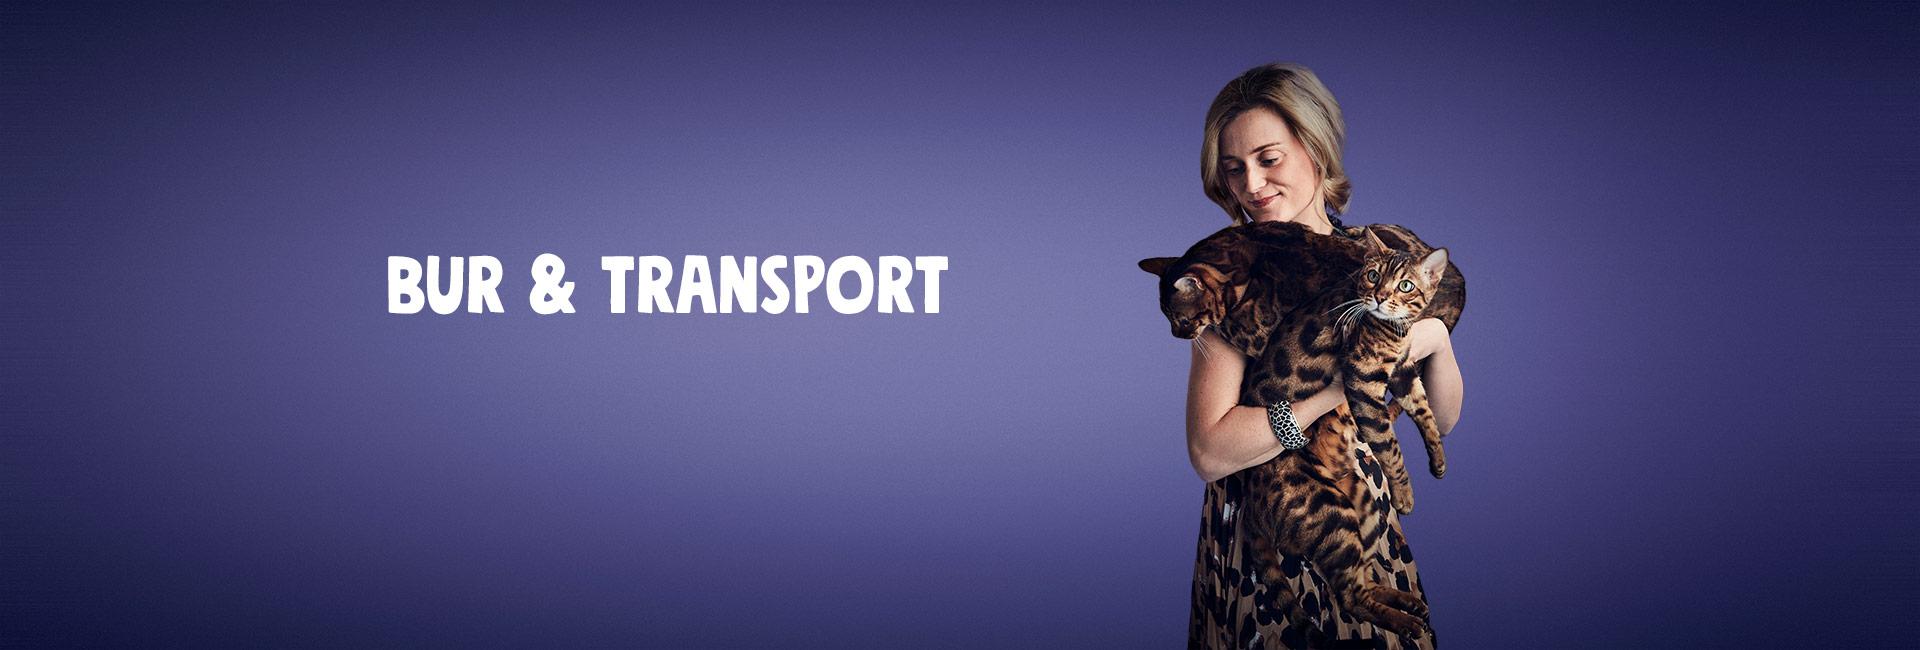 Bur og transport